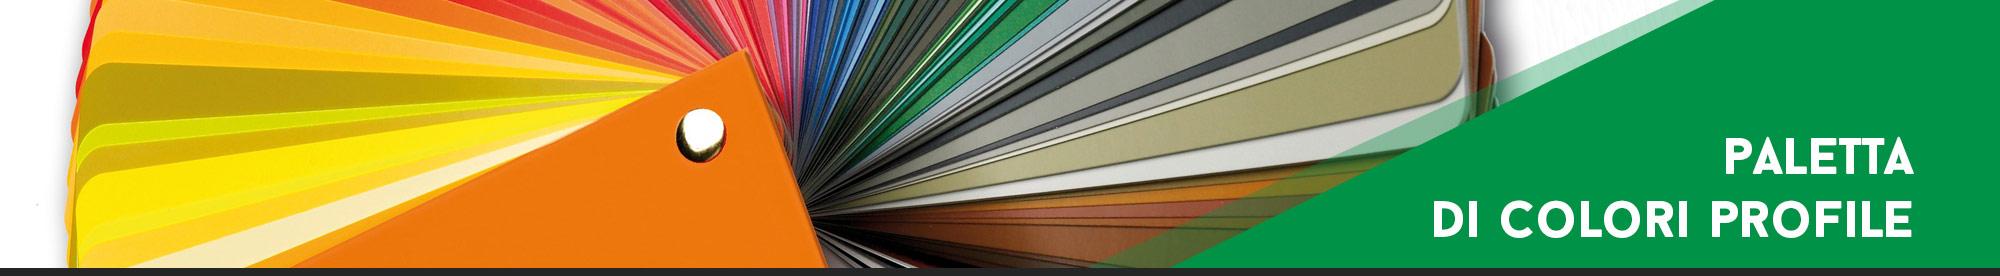 paletta-di-colori-profile